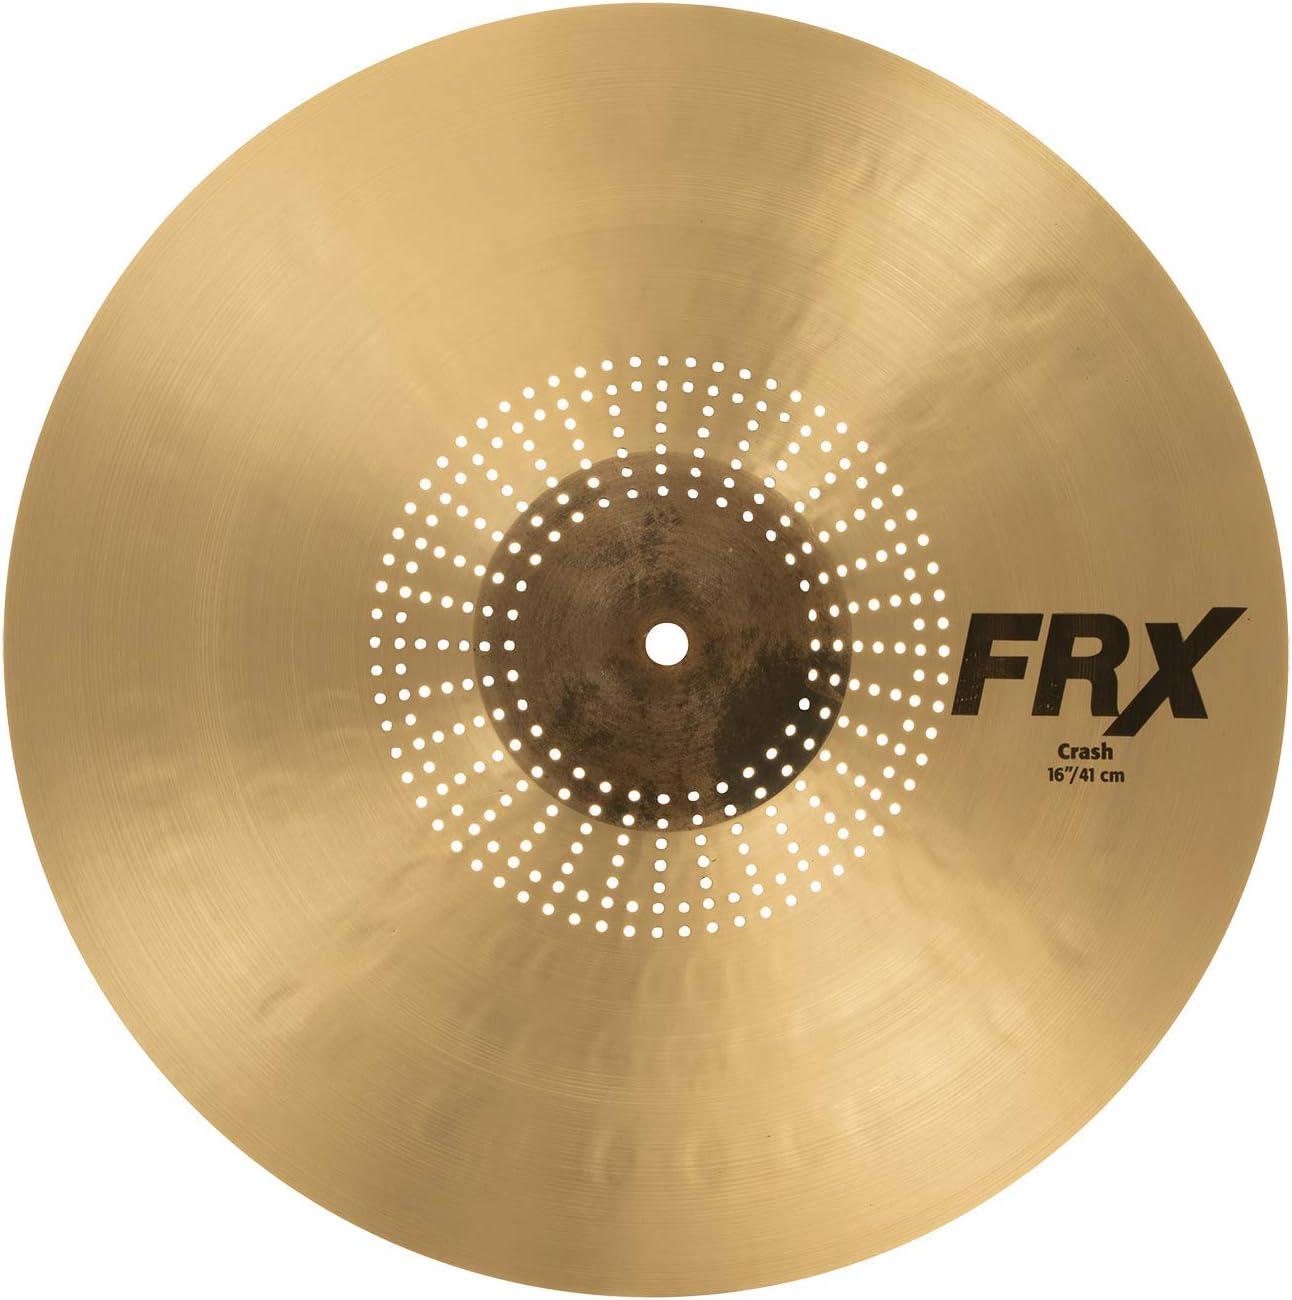 Crash Cymbal CS-16M 16 Inch Ufip